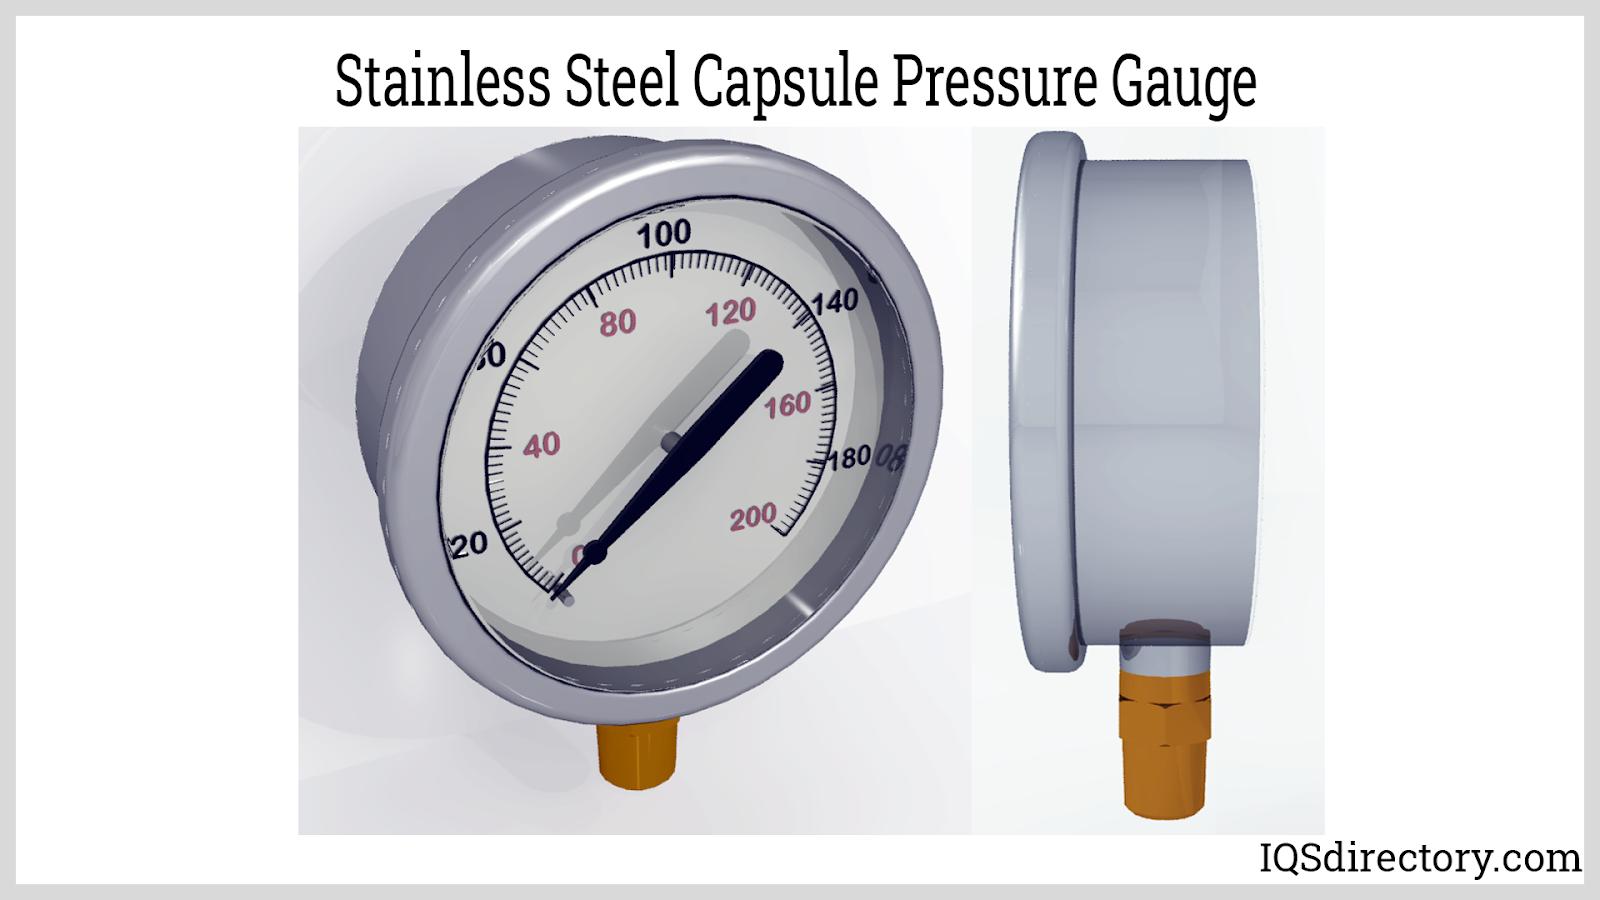 Stainless Steel Capsule Pressure Gauge